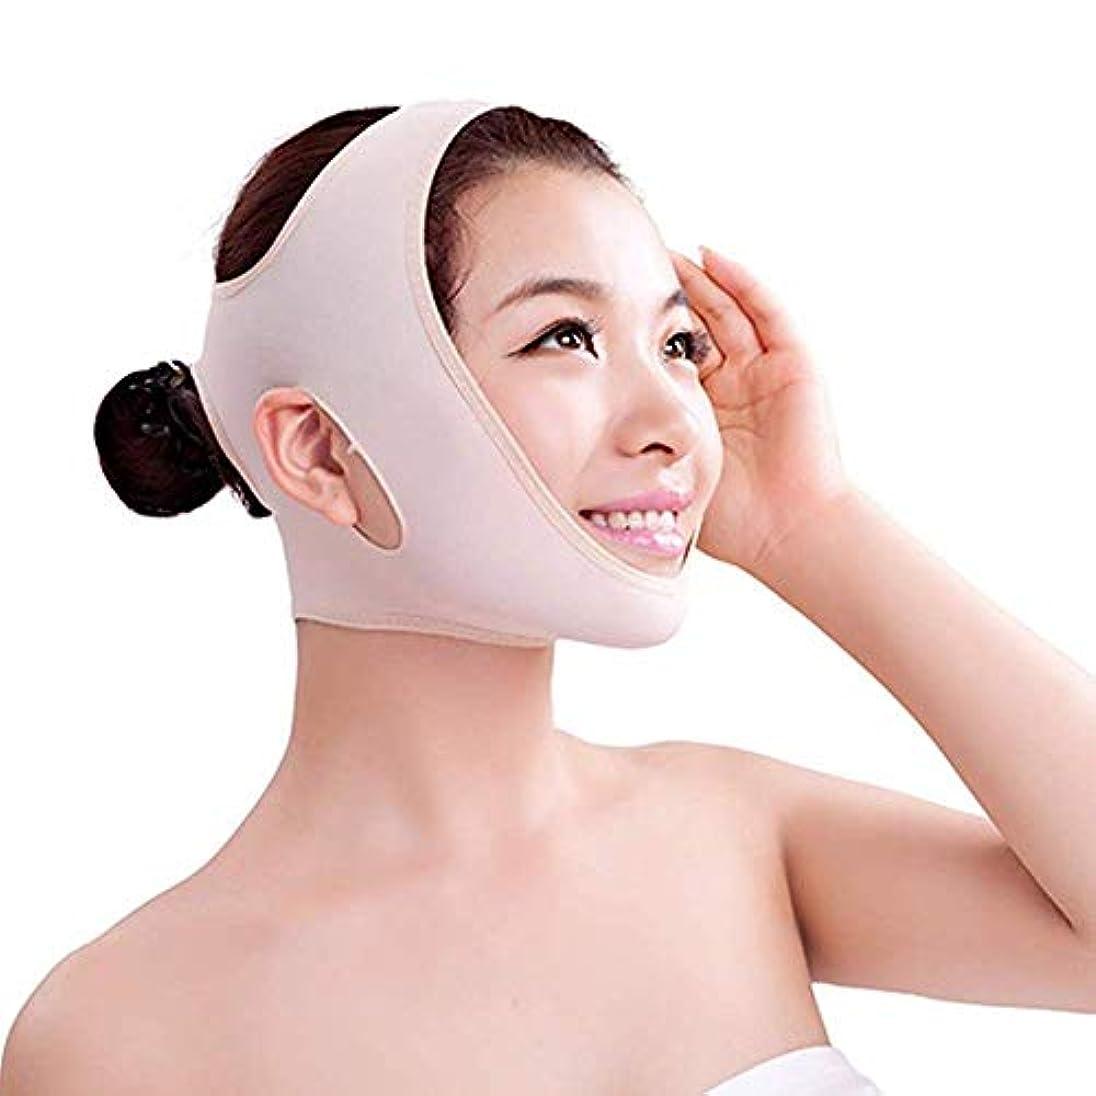 懸念洪水そこからWSJTT フェイススリミングマスク、ベルトを持ち上げるインフレータブル顔、自然なVフェイスチークチンは減量包帯チン包帯を削除するために二重あご、タイトなバンドリフティング (Size : XL)